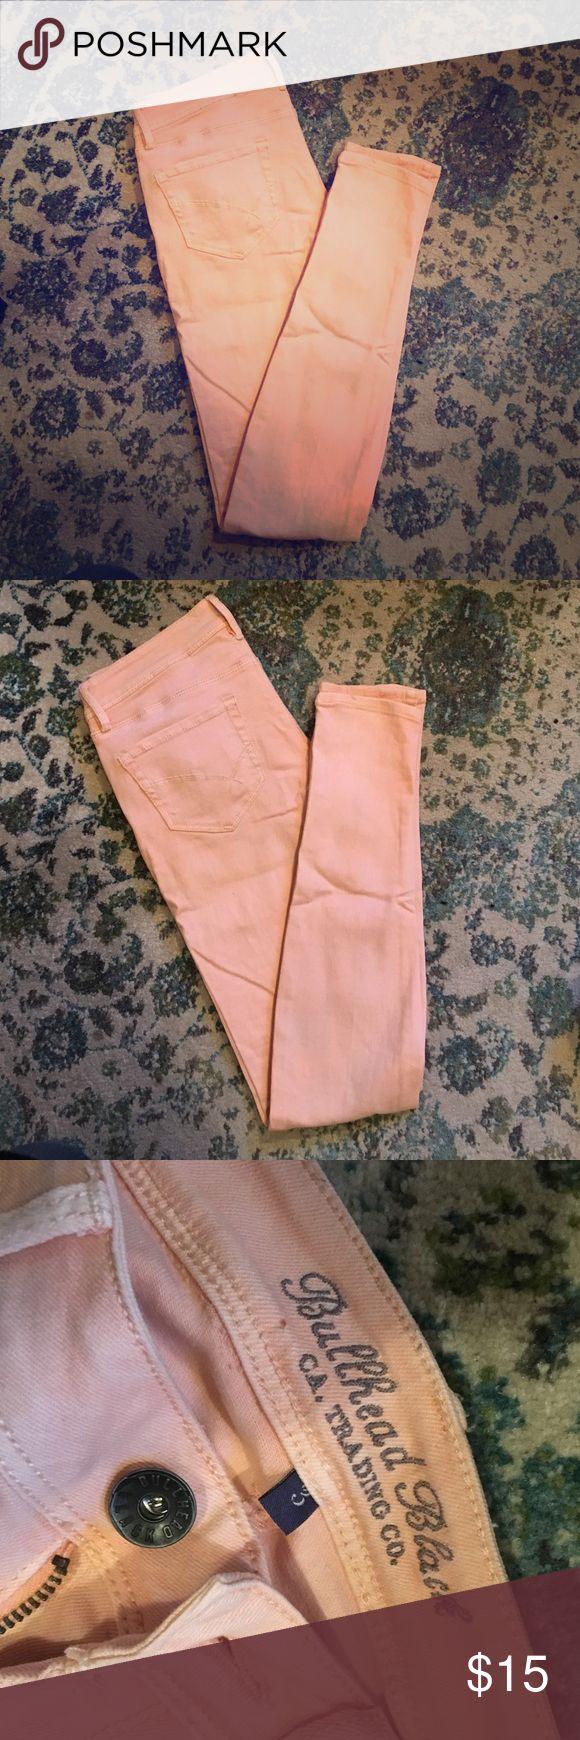 Peach Jeans Super cute jeans! Bullhead Jeans